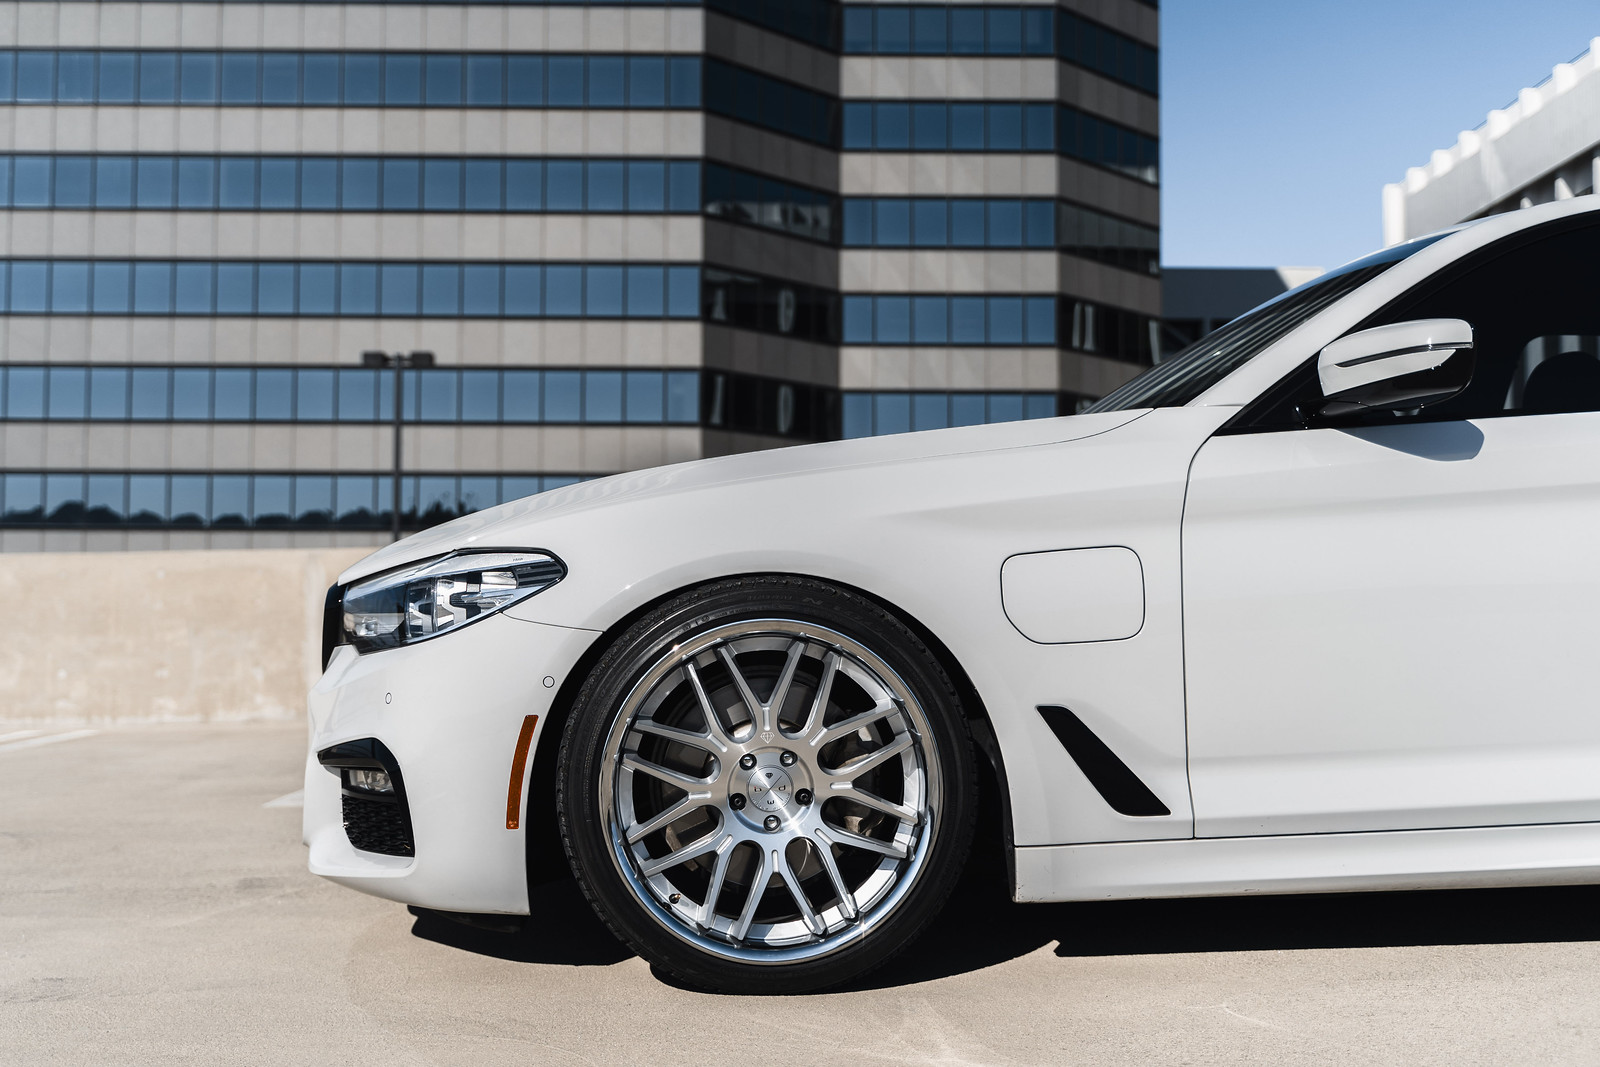 BMW_530i_E_Drive_BD27_Silver_5